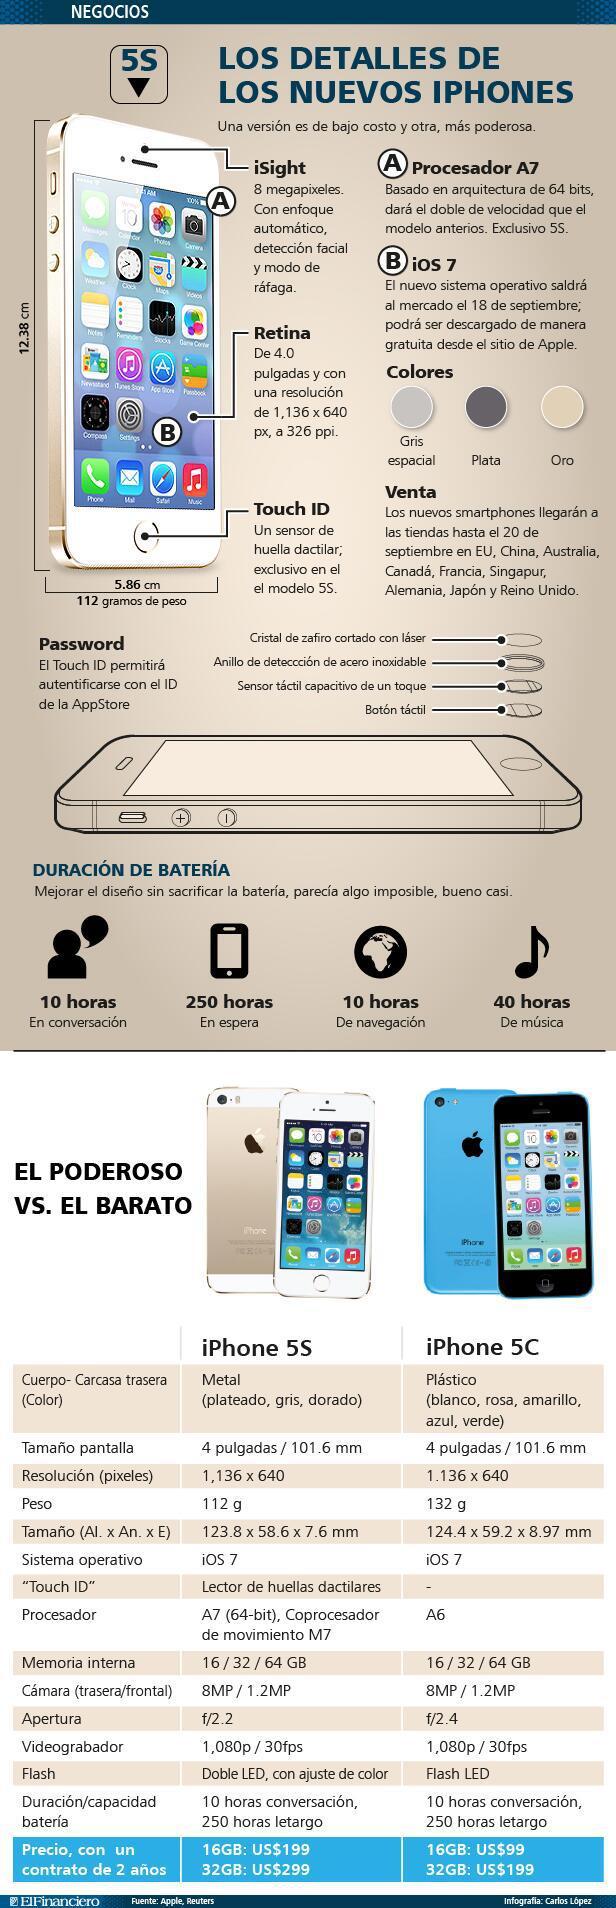 infografia_iphone_5c_y_5s